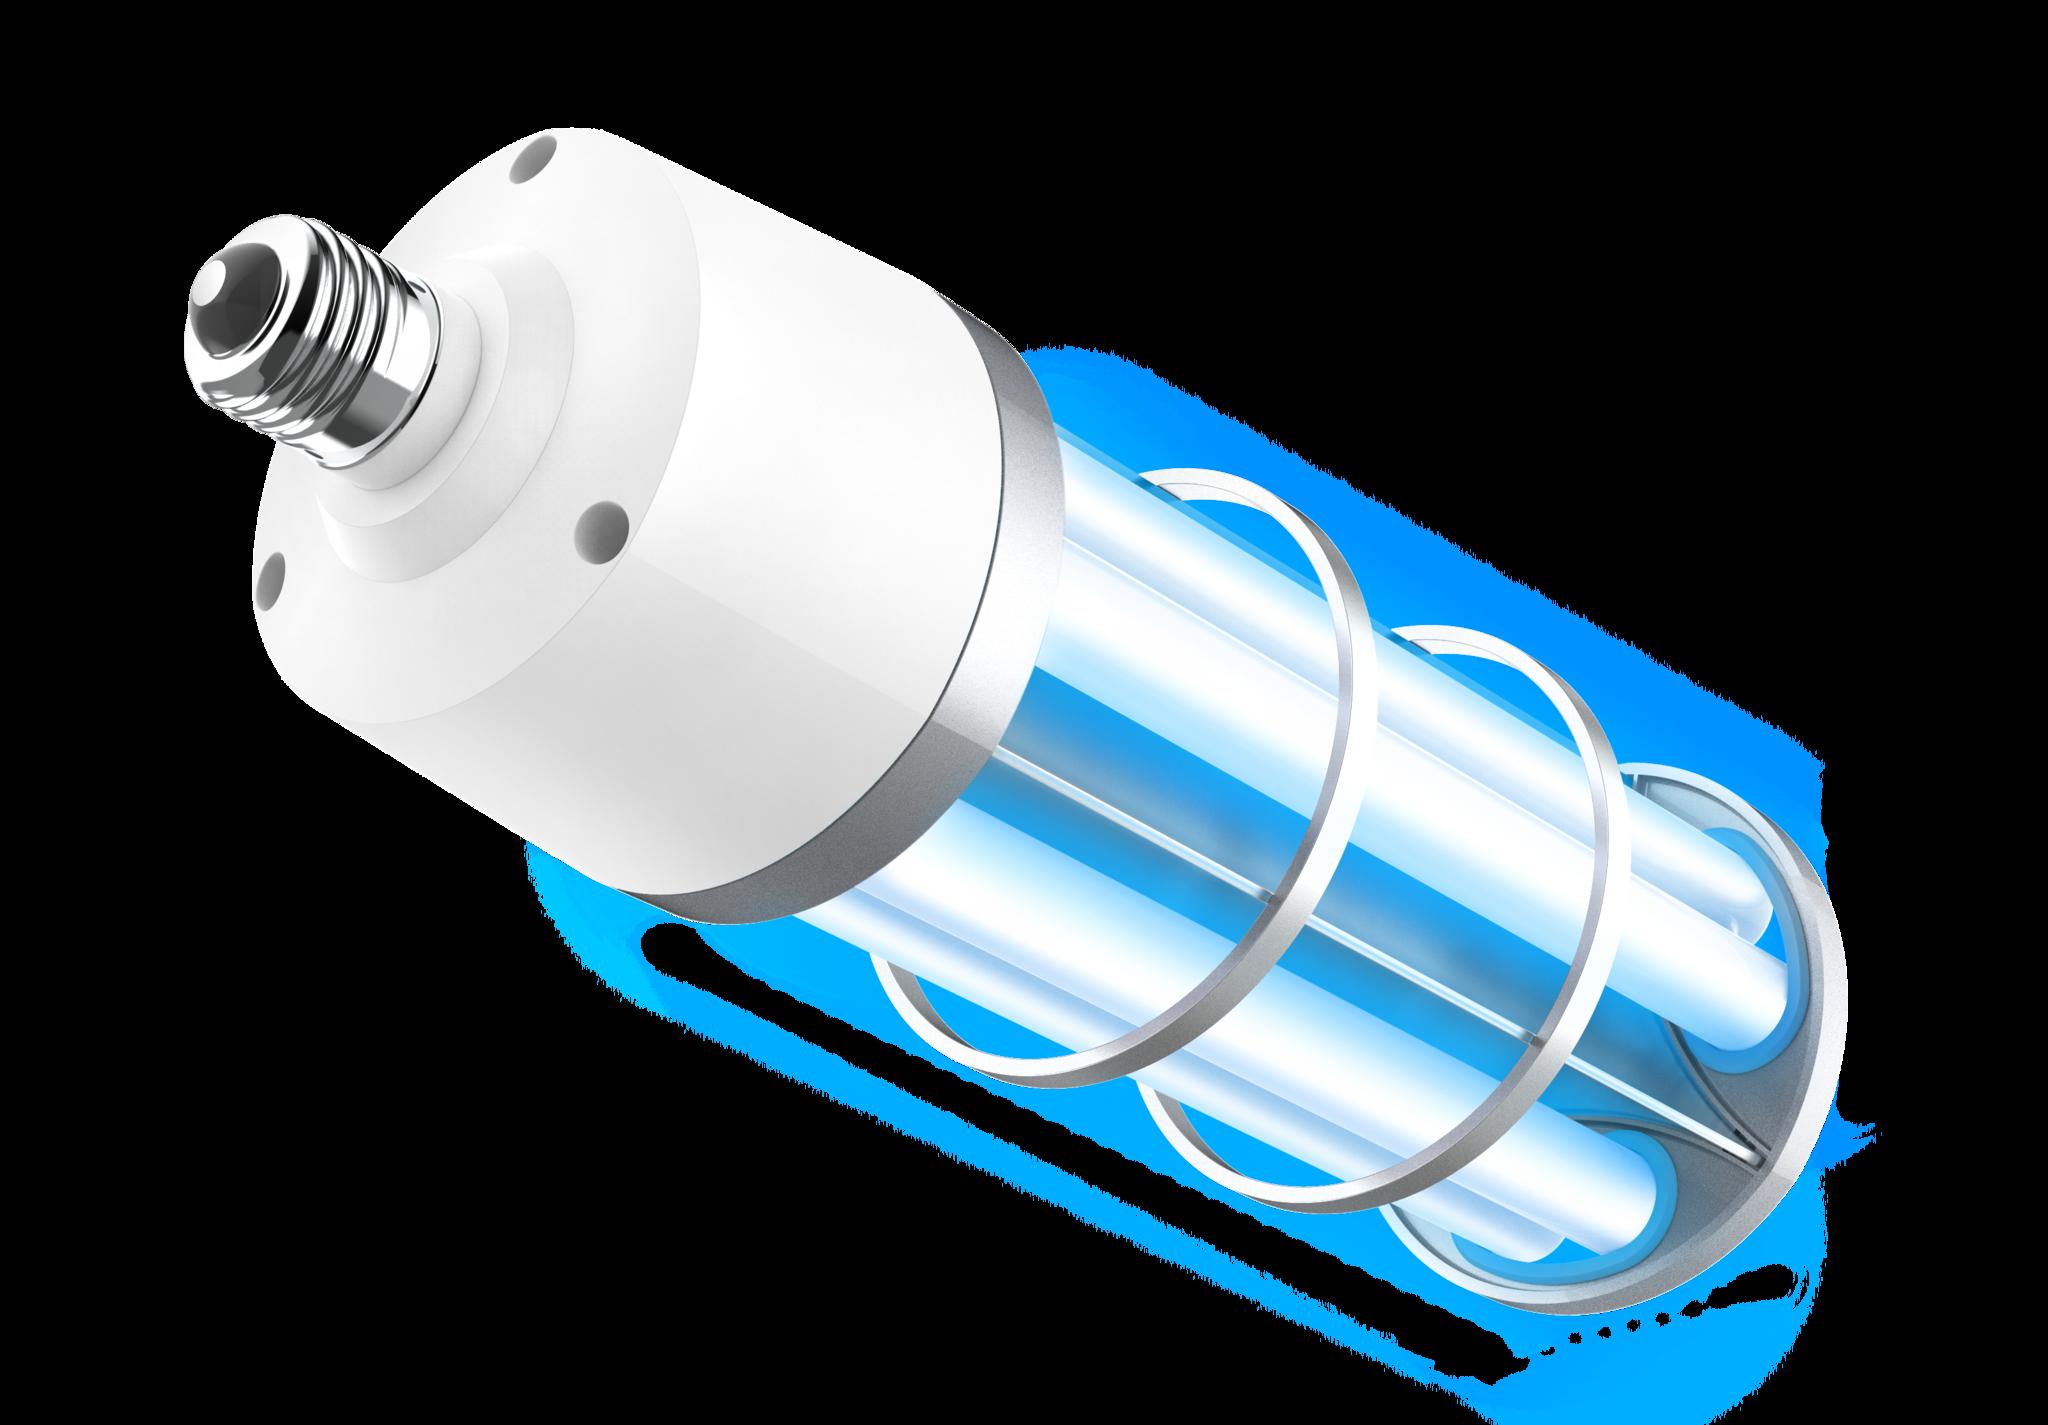 U10-60W-uvc-corn-light-60-watt-uvc-corn-lamp-smart-uvc-corn-lamps